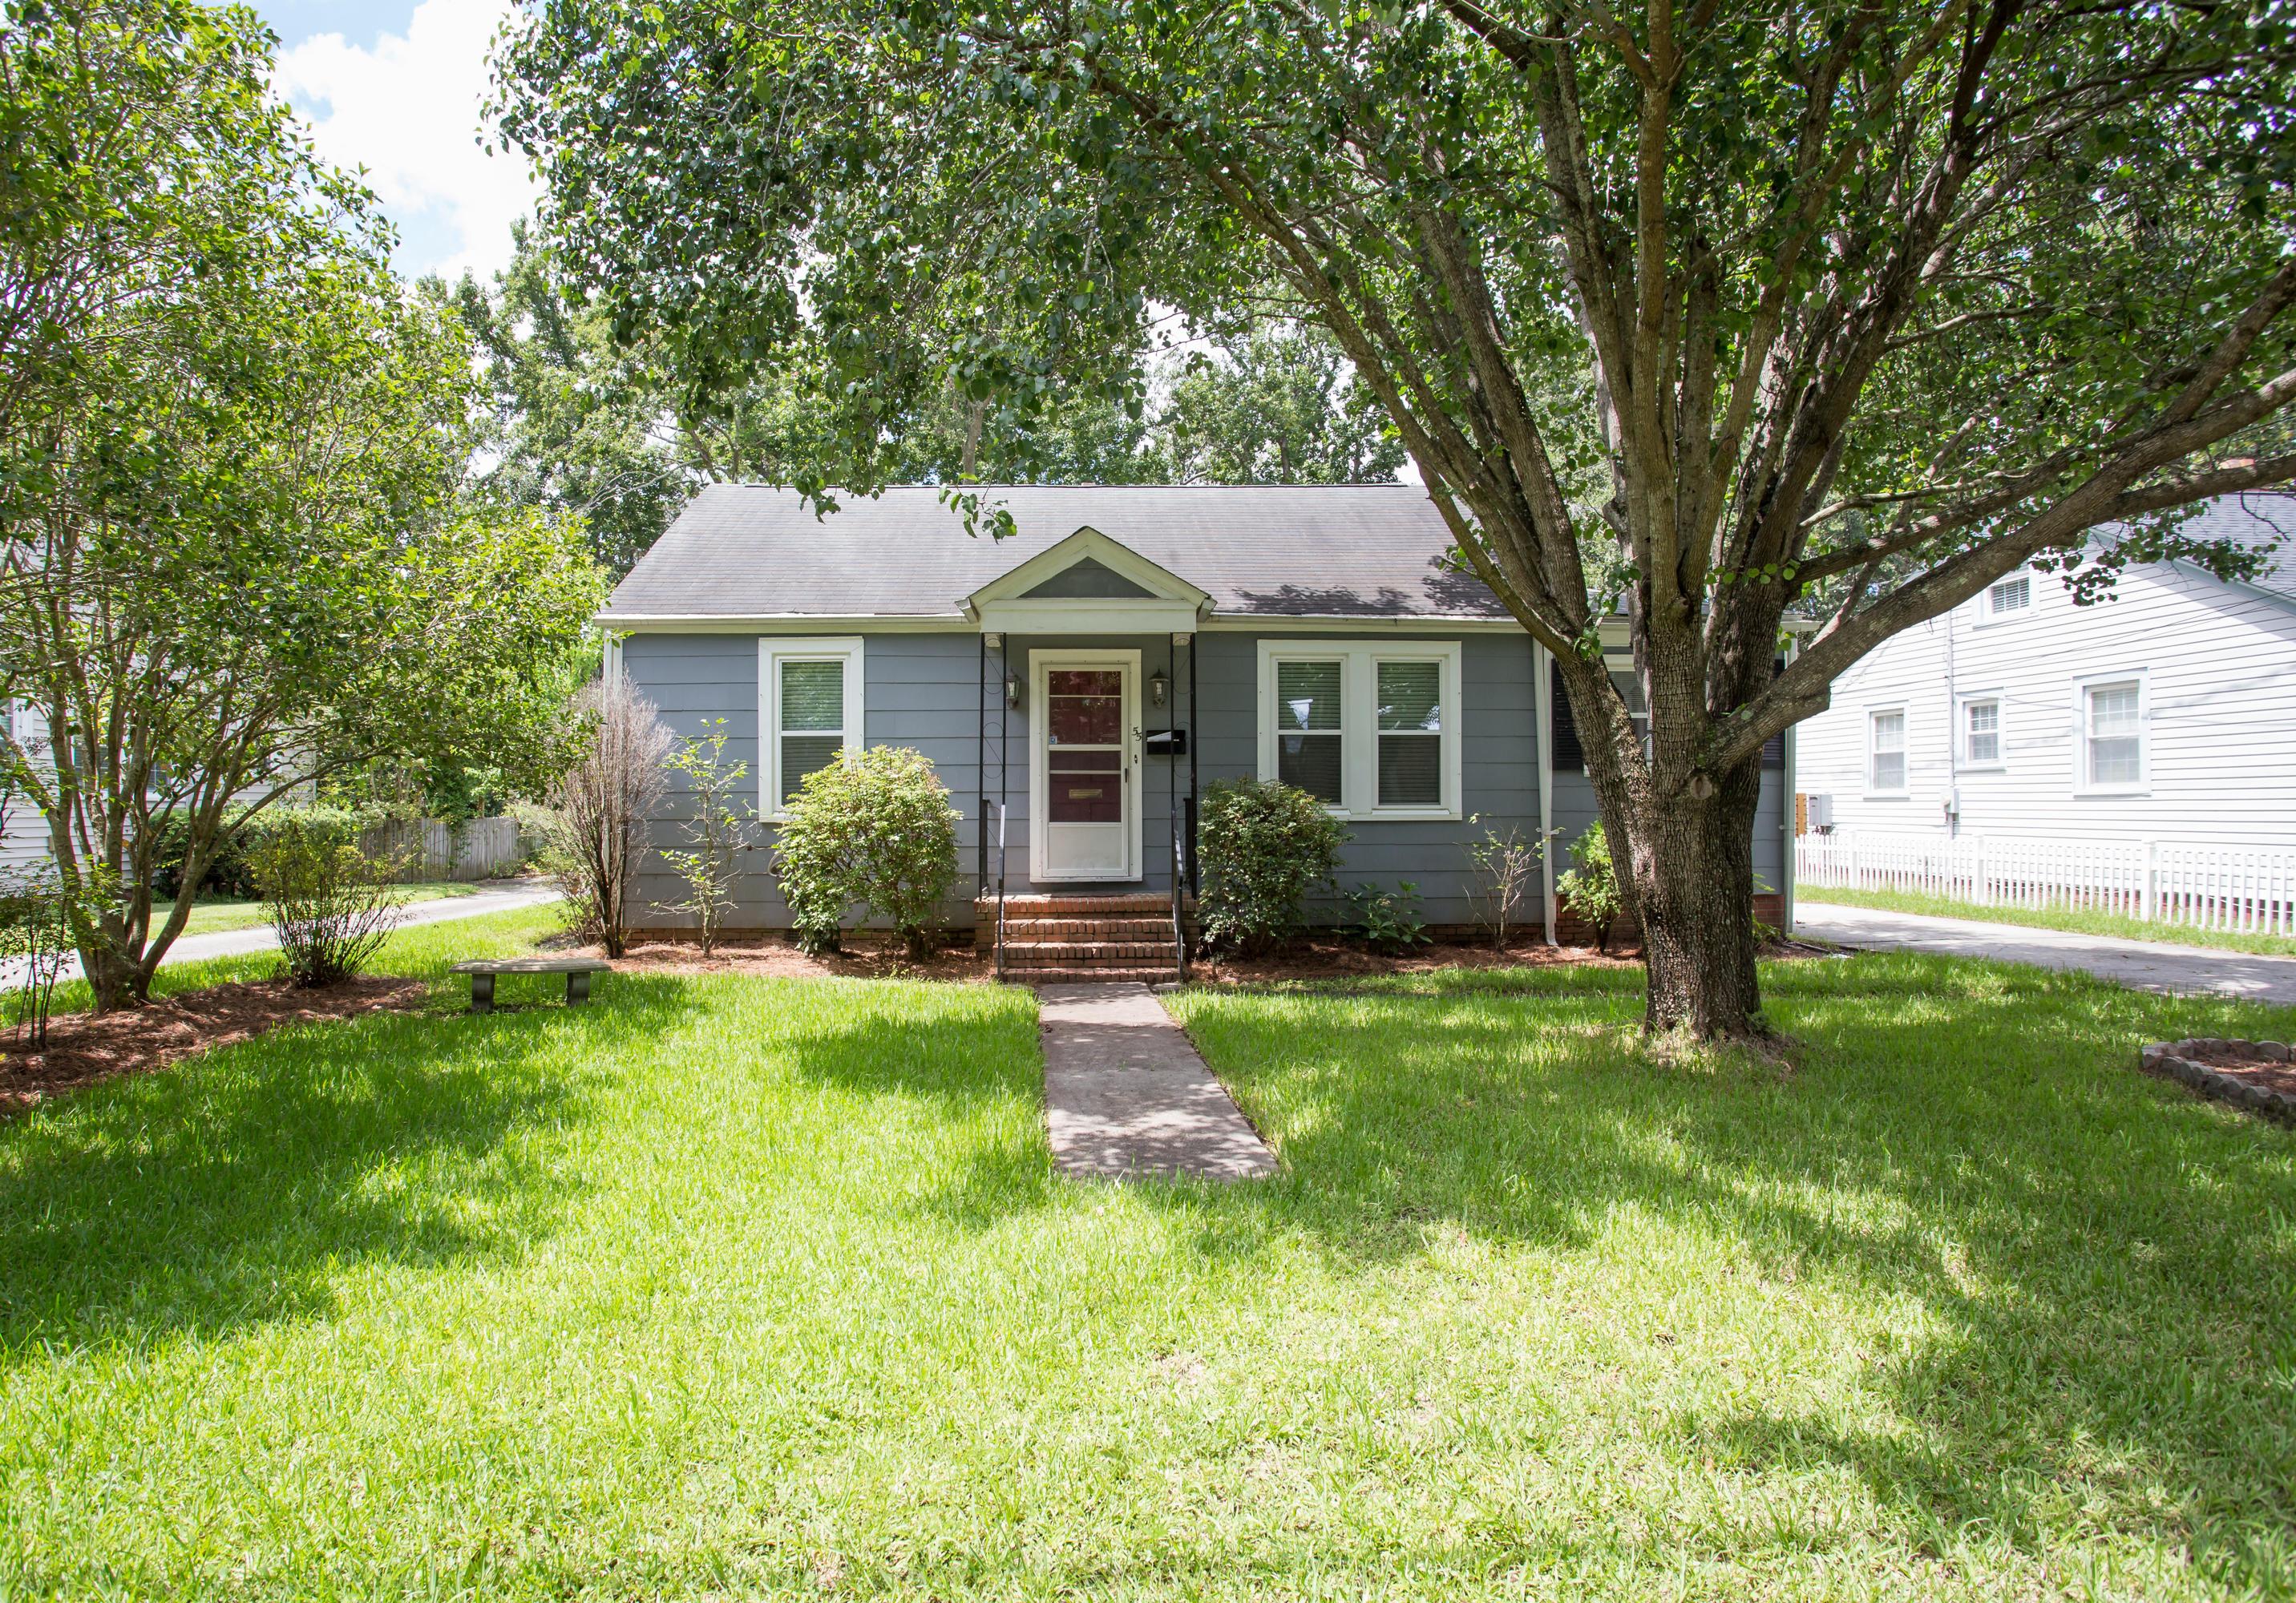 Avondale Homes For Sale - 55 Avondale, Charleston, SC - 3